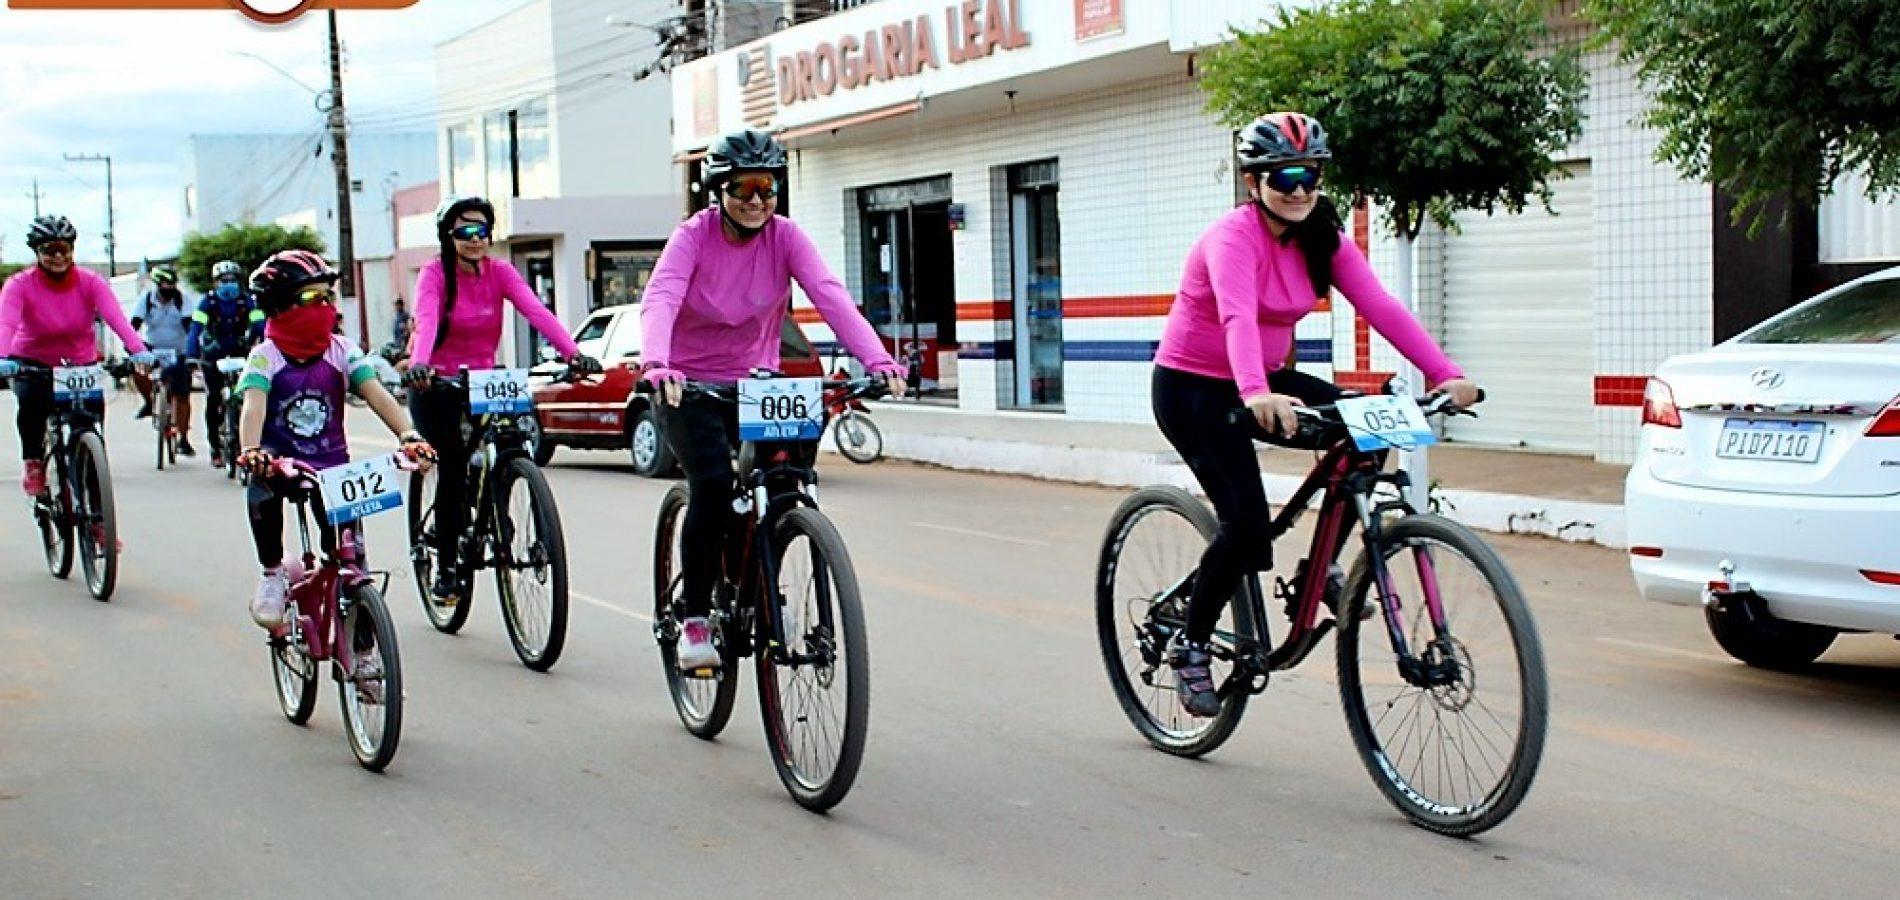 1º Desafio Marcolandense de Ciclismo Virtual é realizado em Marcolândia no aniversário de 29 anos; veja fotos